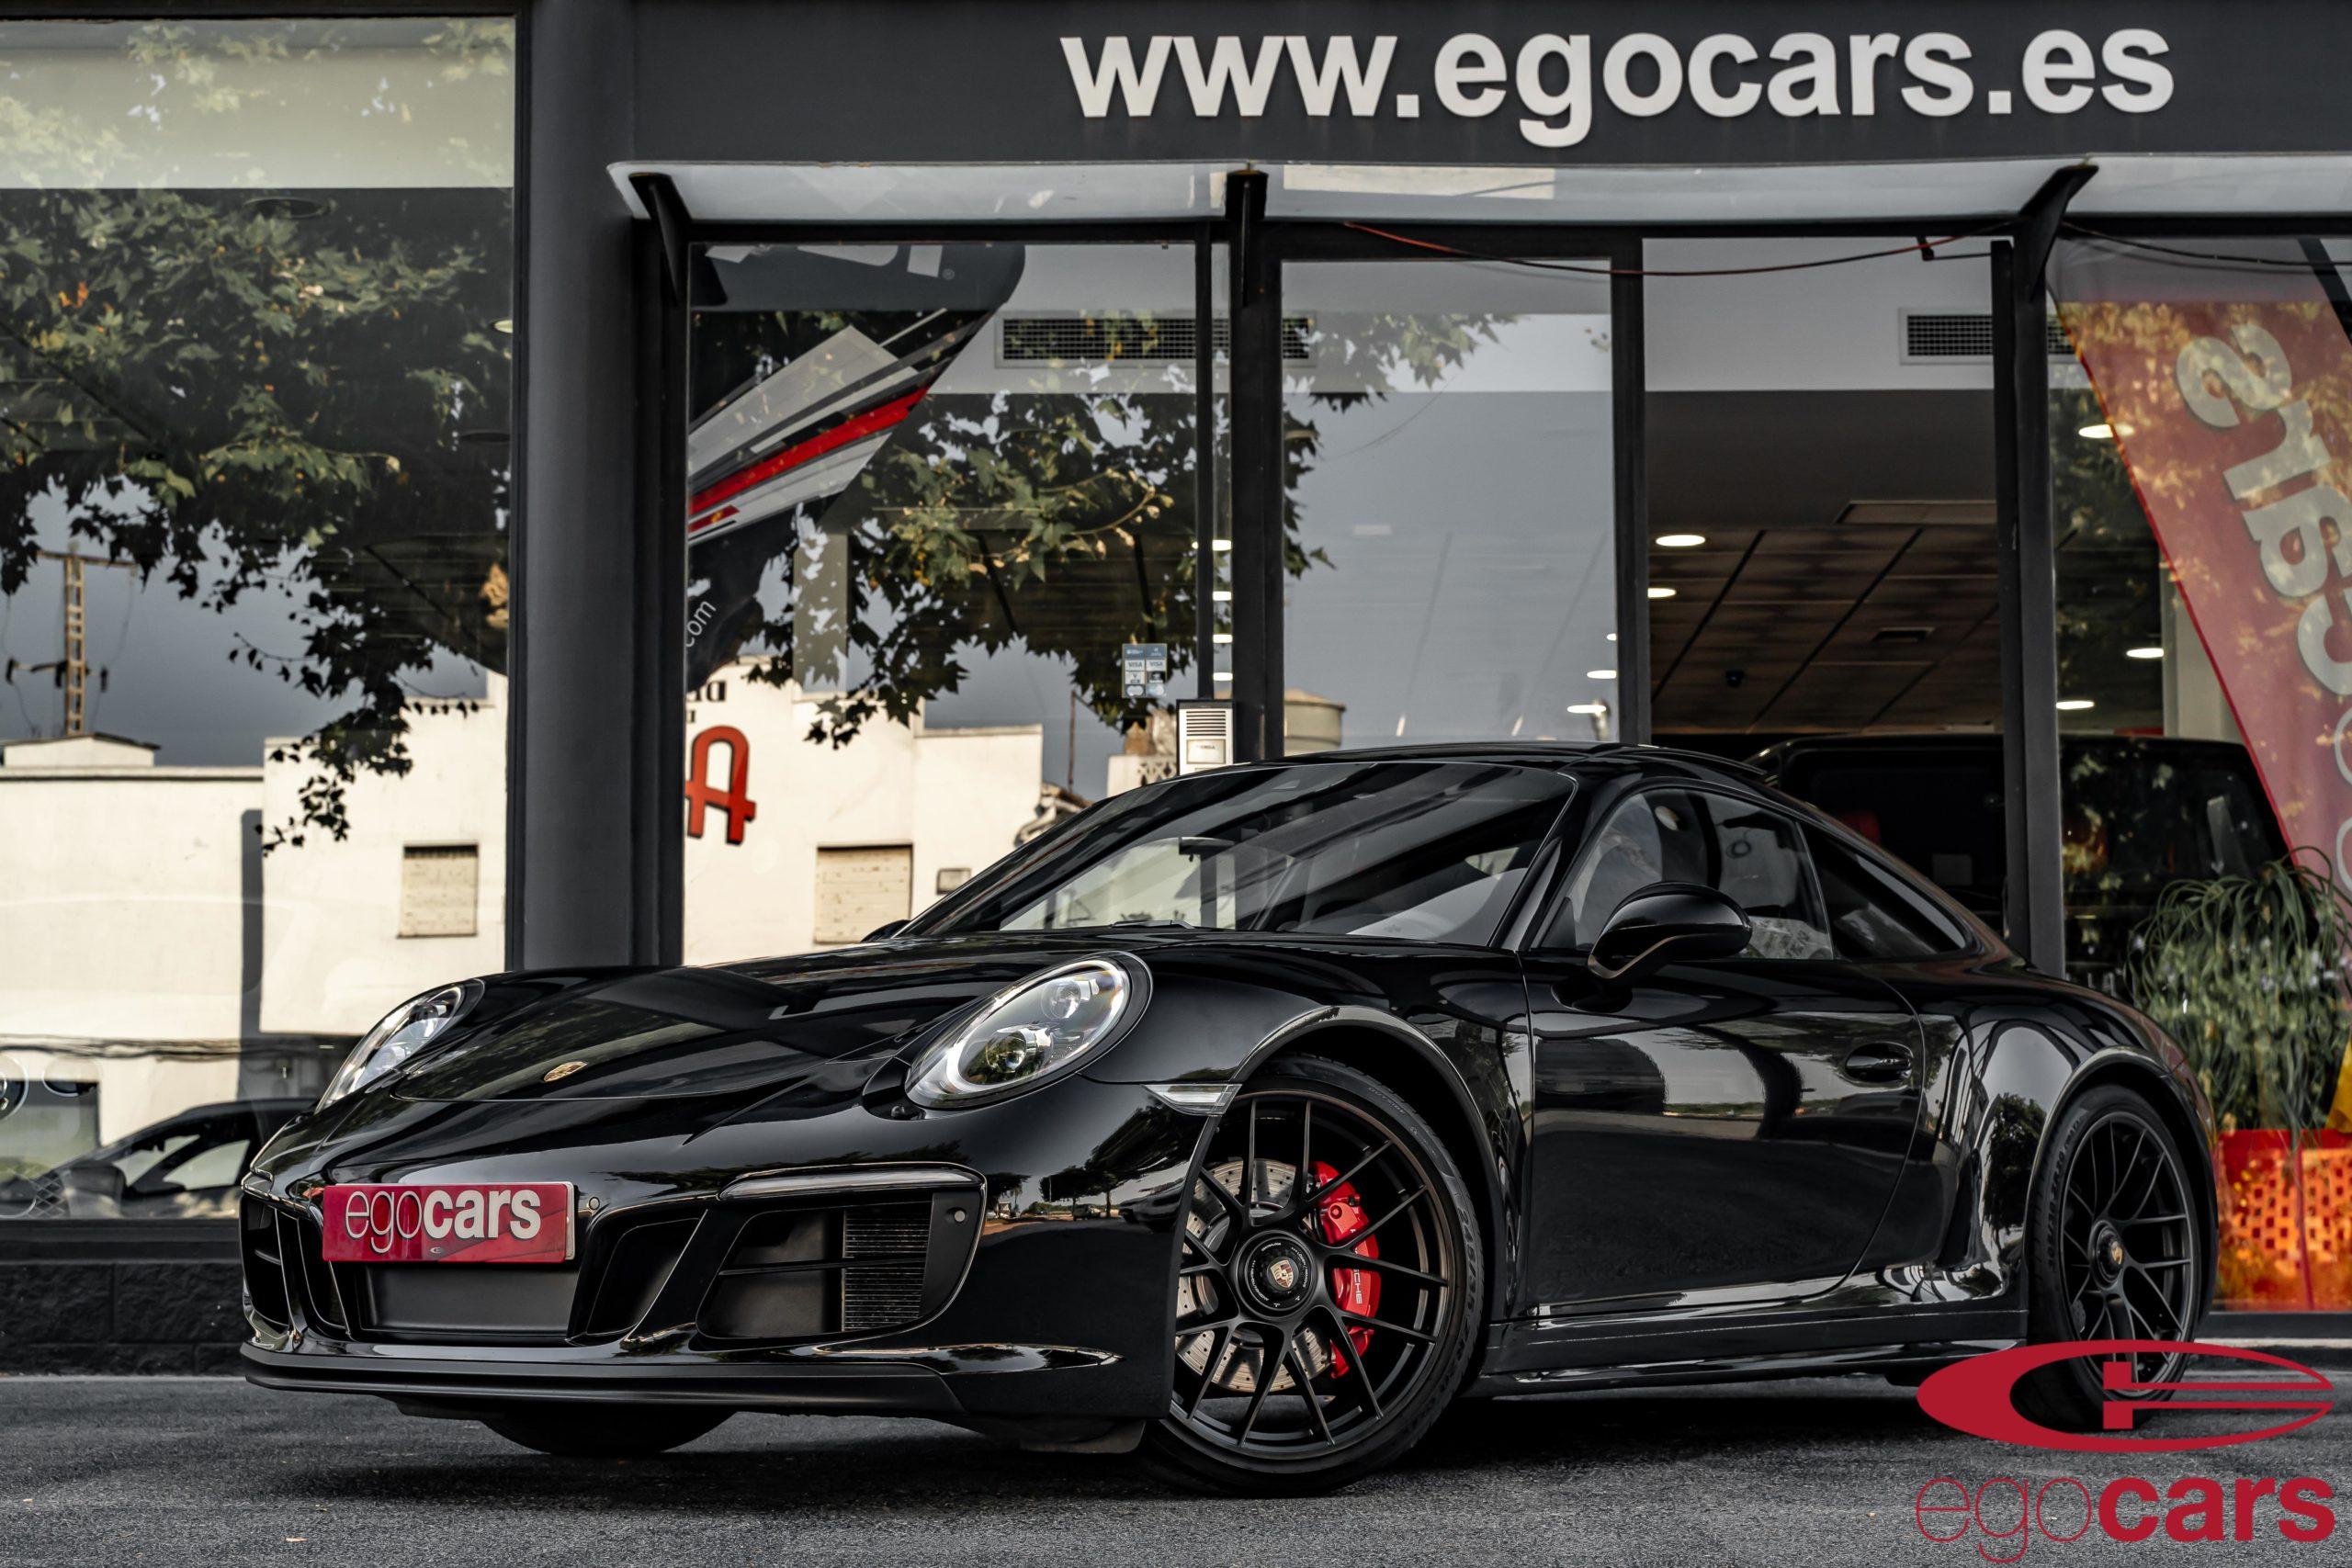 911 CARRERA 4 GTS NEGRO EGOCARS_1